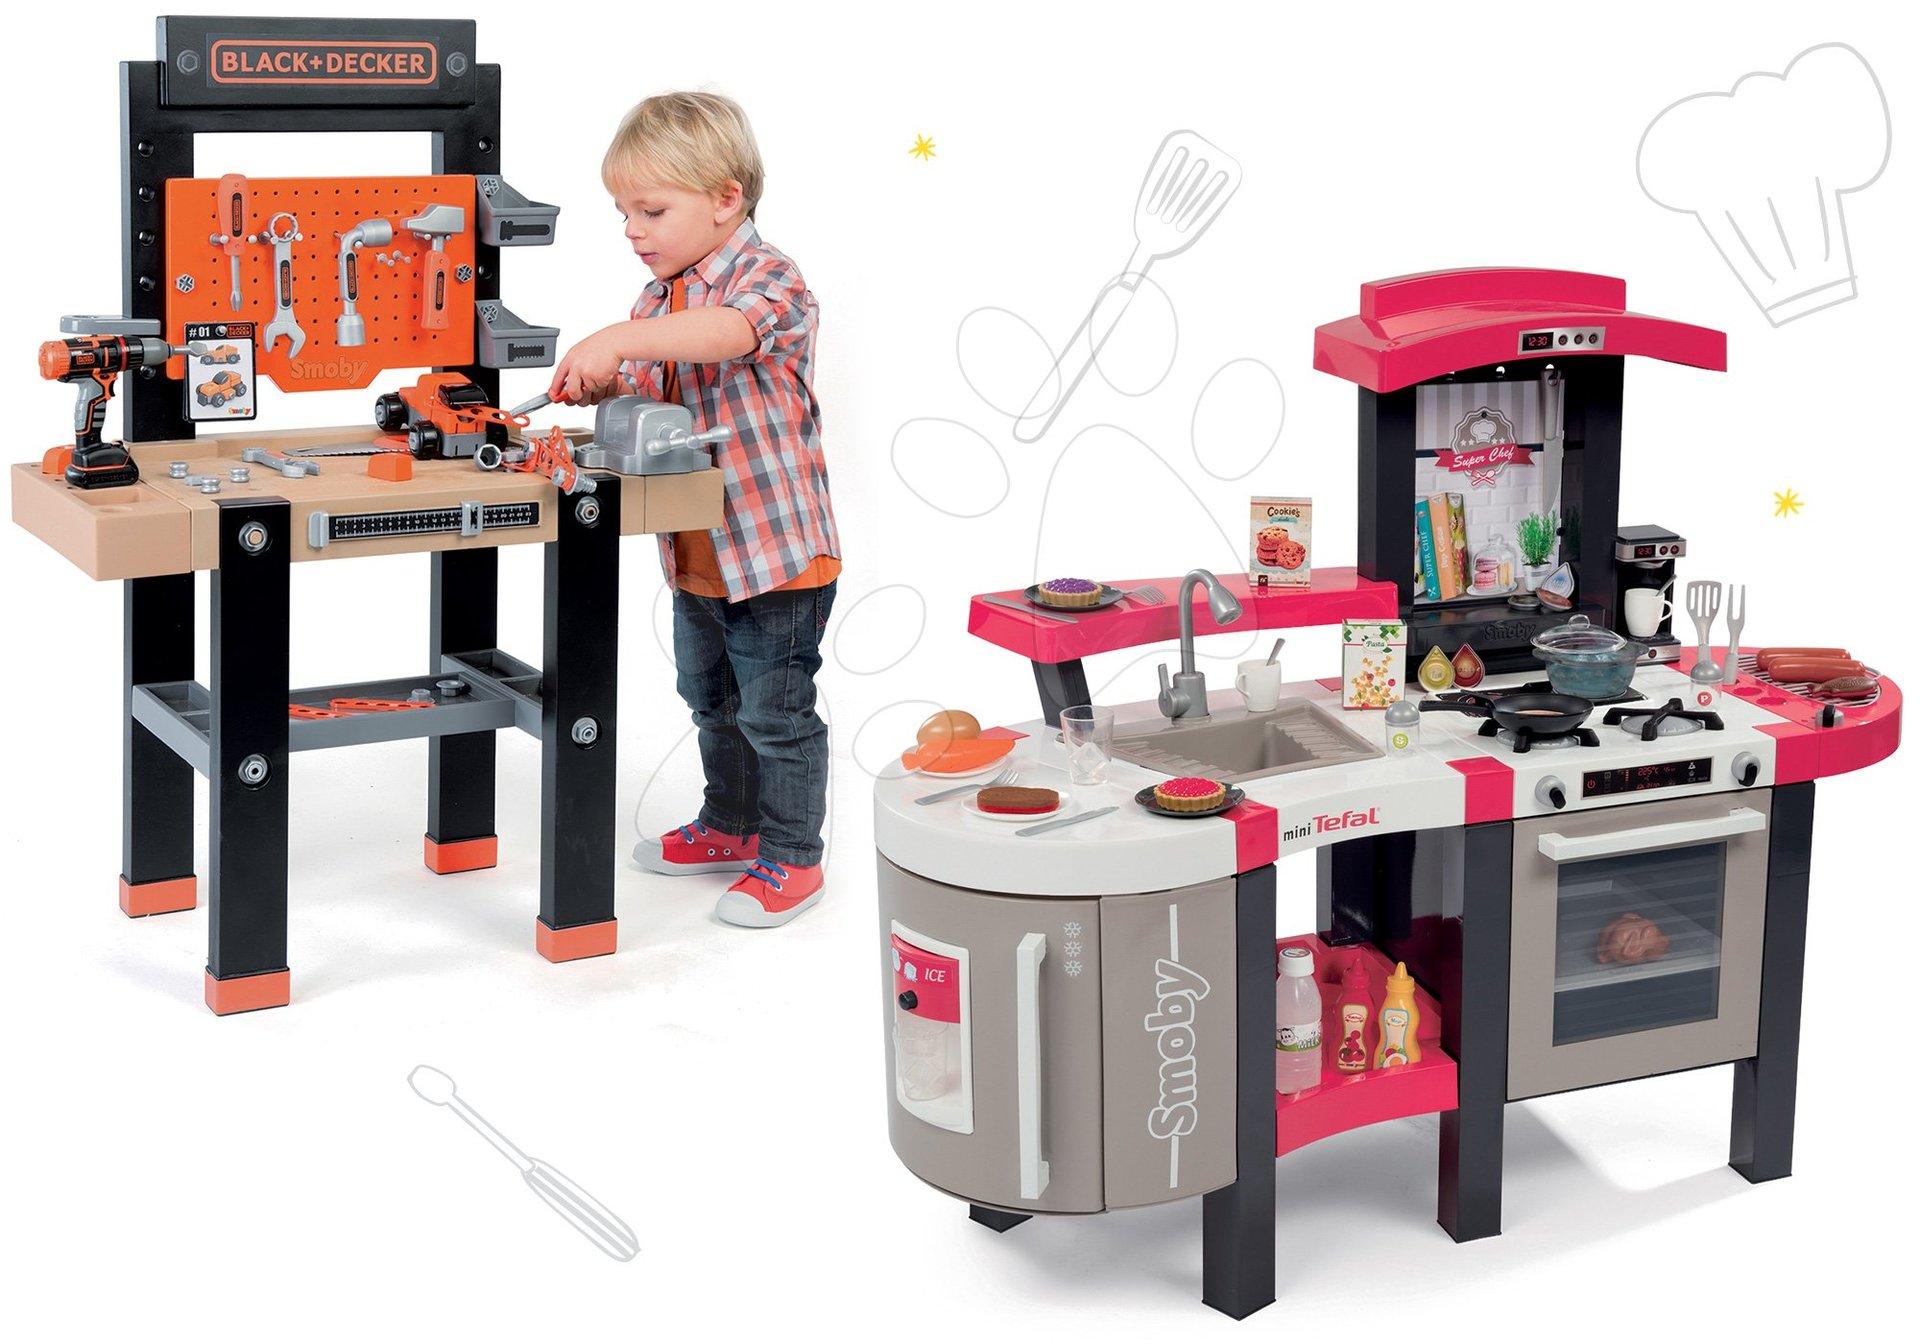 Kuchynky pre deti sety - Set kuchynka Tefal SuperChef Smoby s grilom a kávovarom a pracovná dielňa s vŕtačkou Black+Decker